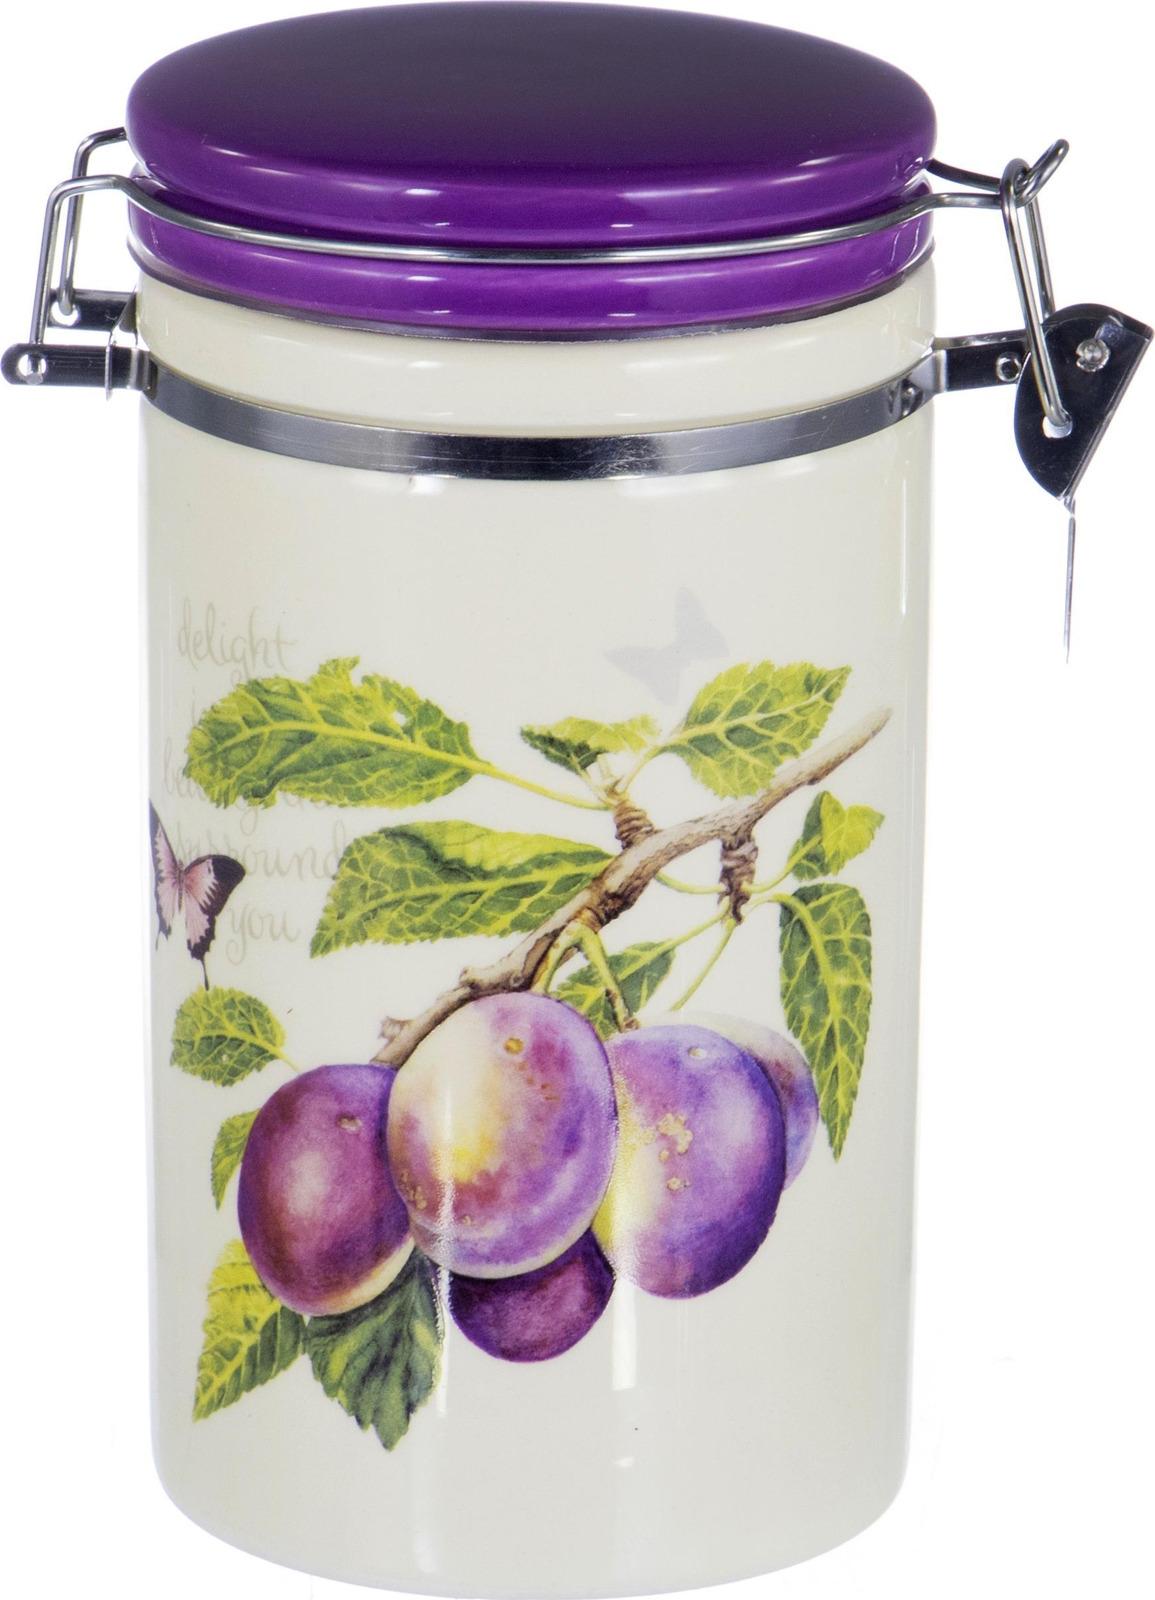 Банка для сыпучих продуктов Elrington Слива,  клипсой, цвет: фиолетовый, 1